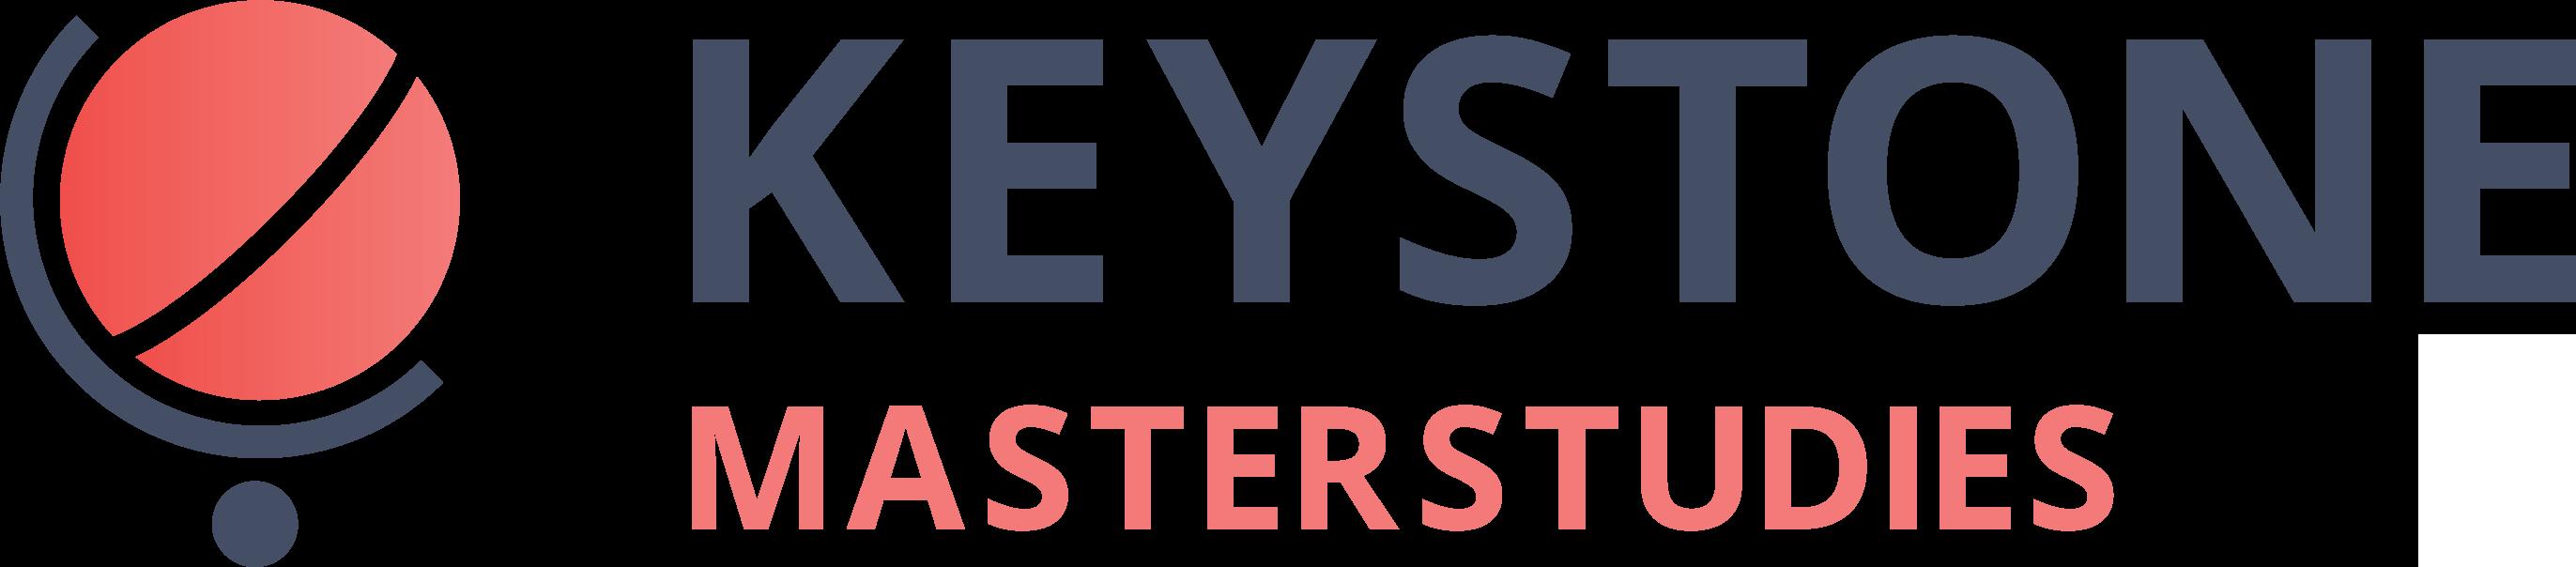 ks-masters